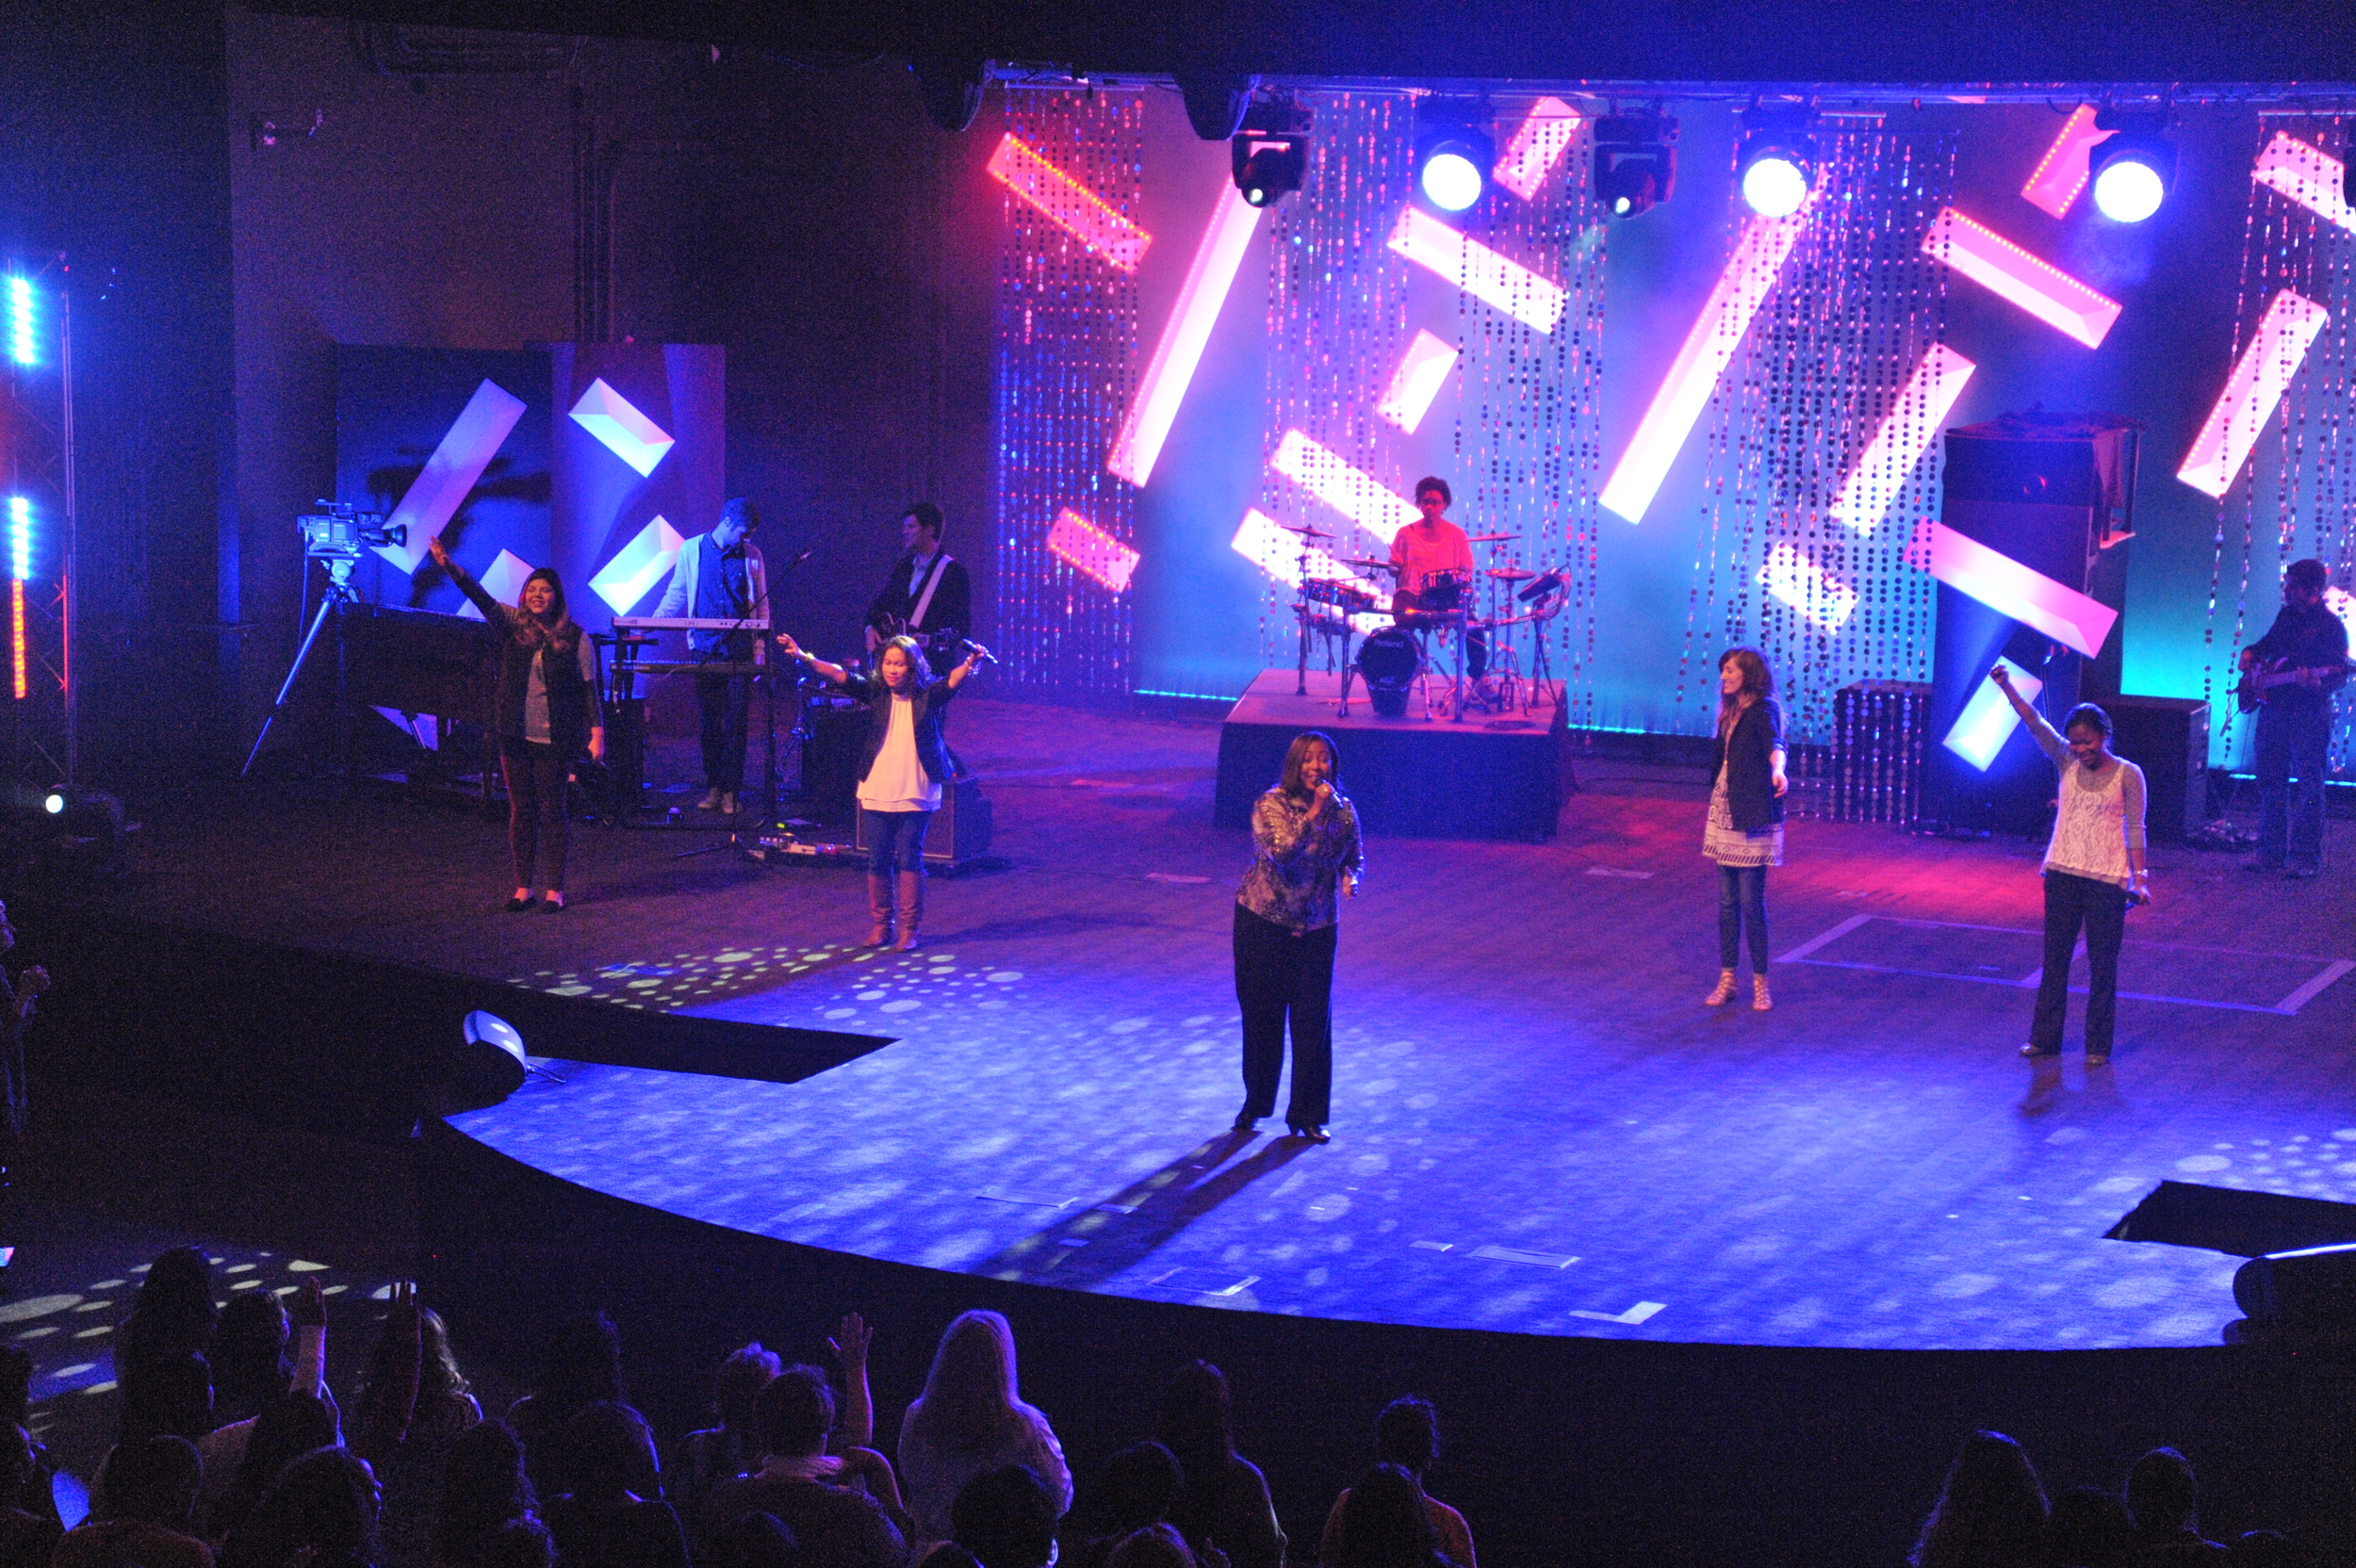 COR_Gaithersburg_Campus_Worship_Center_11.jpg